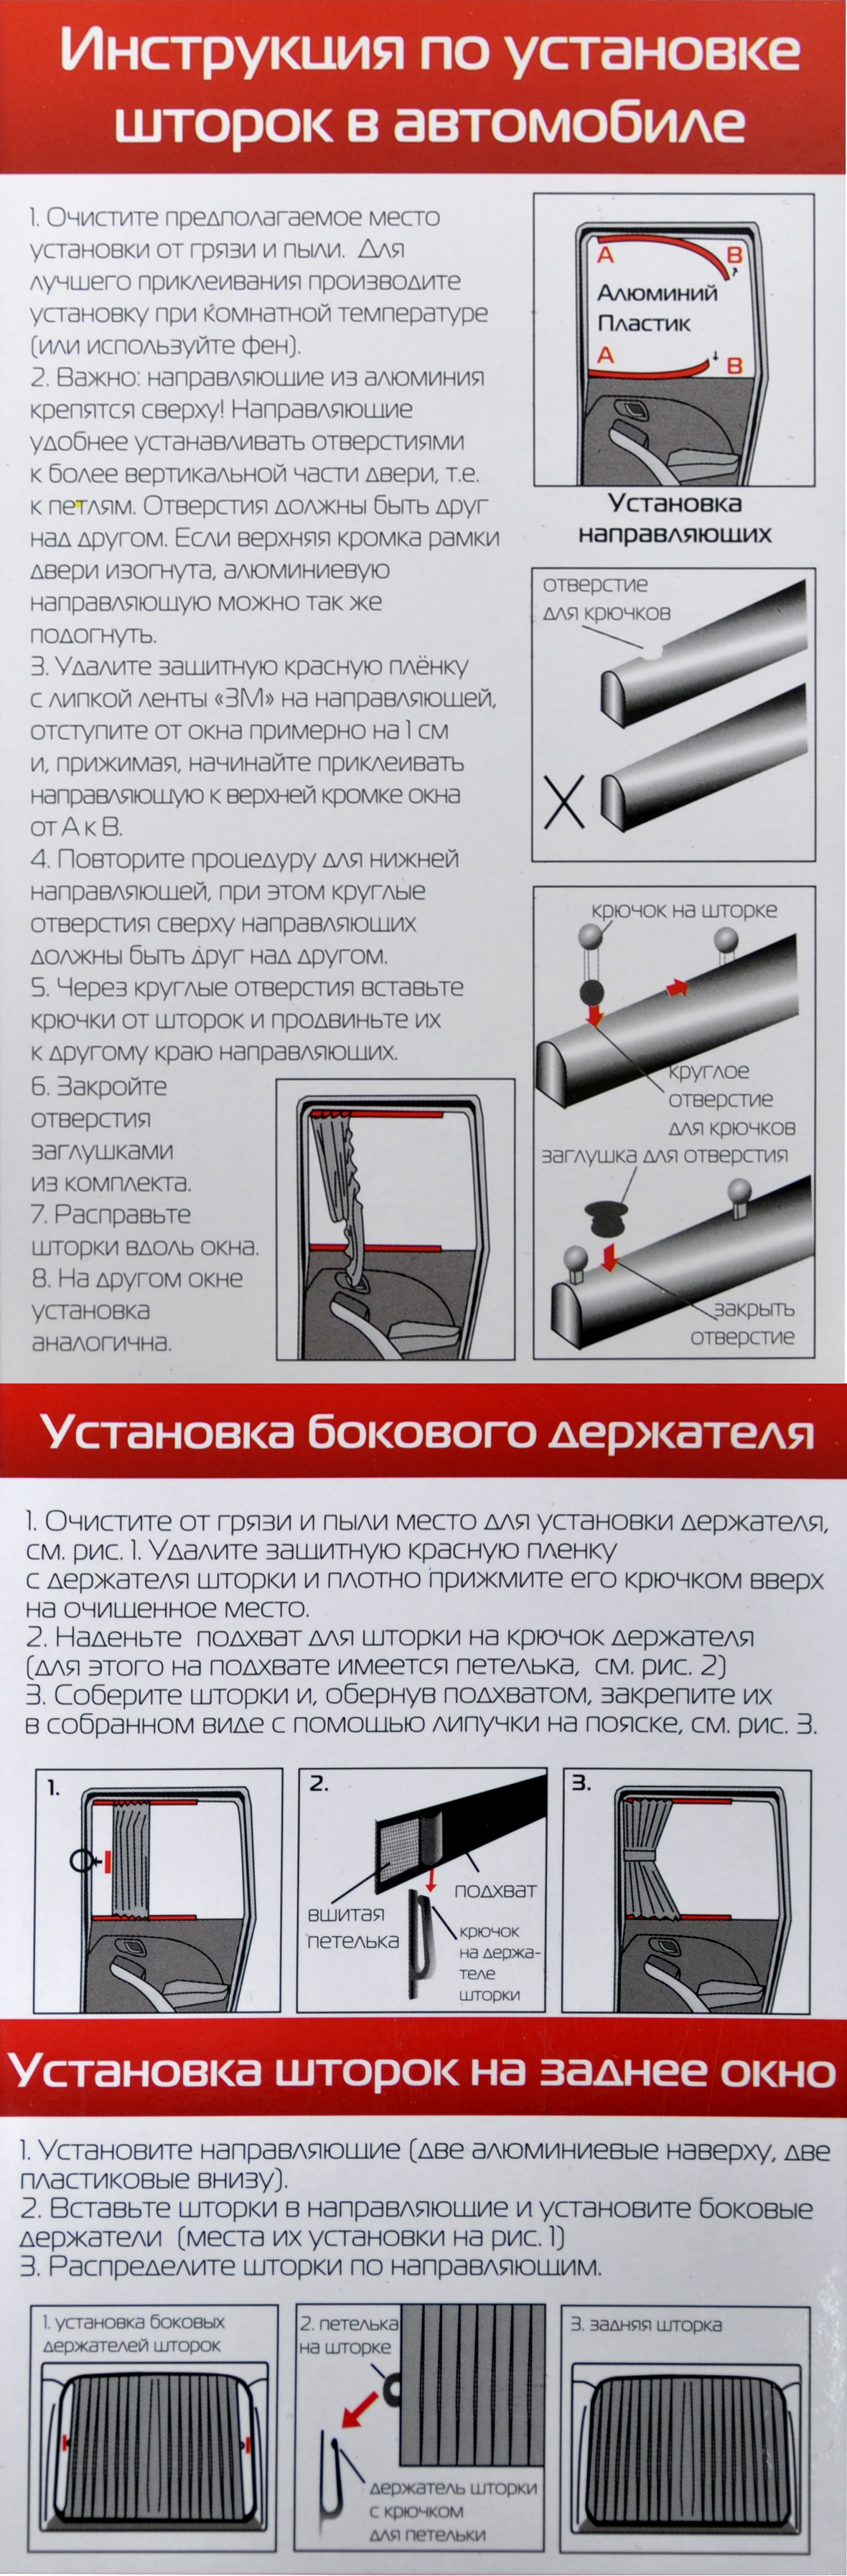 инструкция по установки ксенона